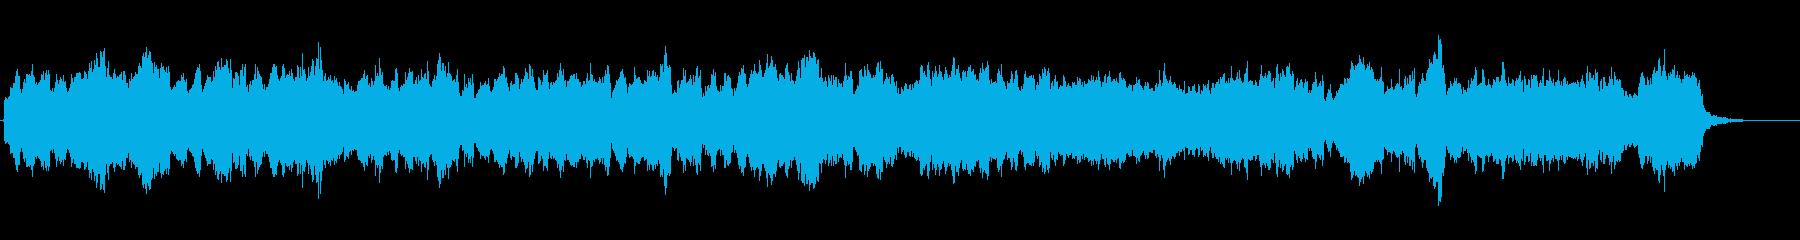 バロック時代風弦楽三重奏オリジナル曲の再生済みの波形